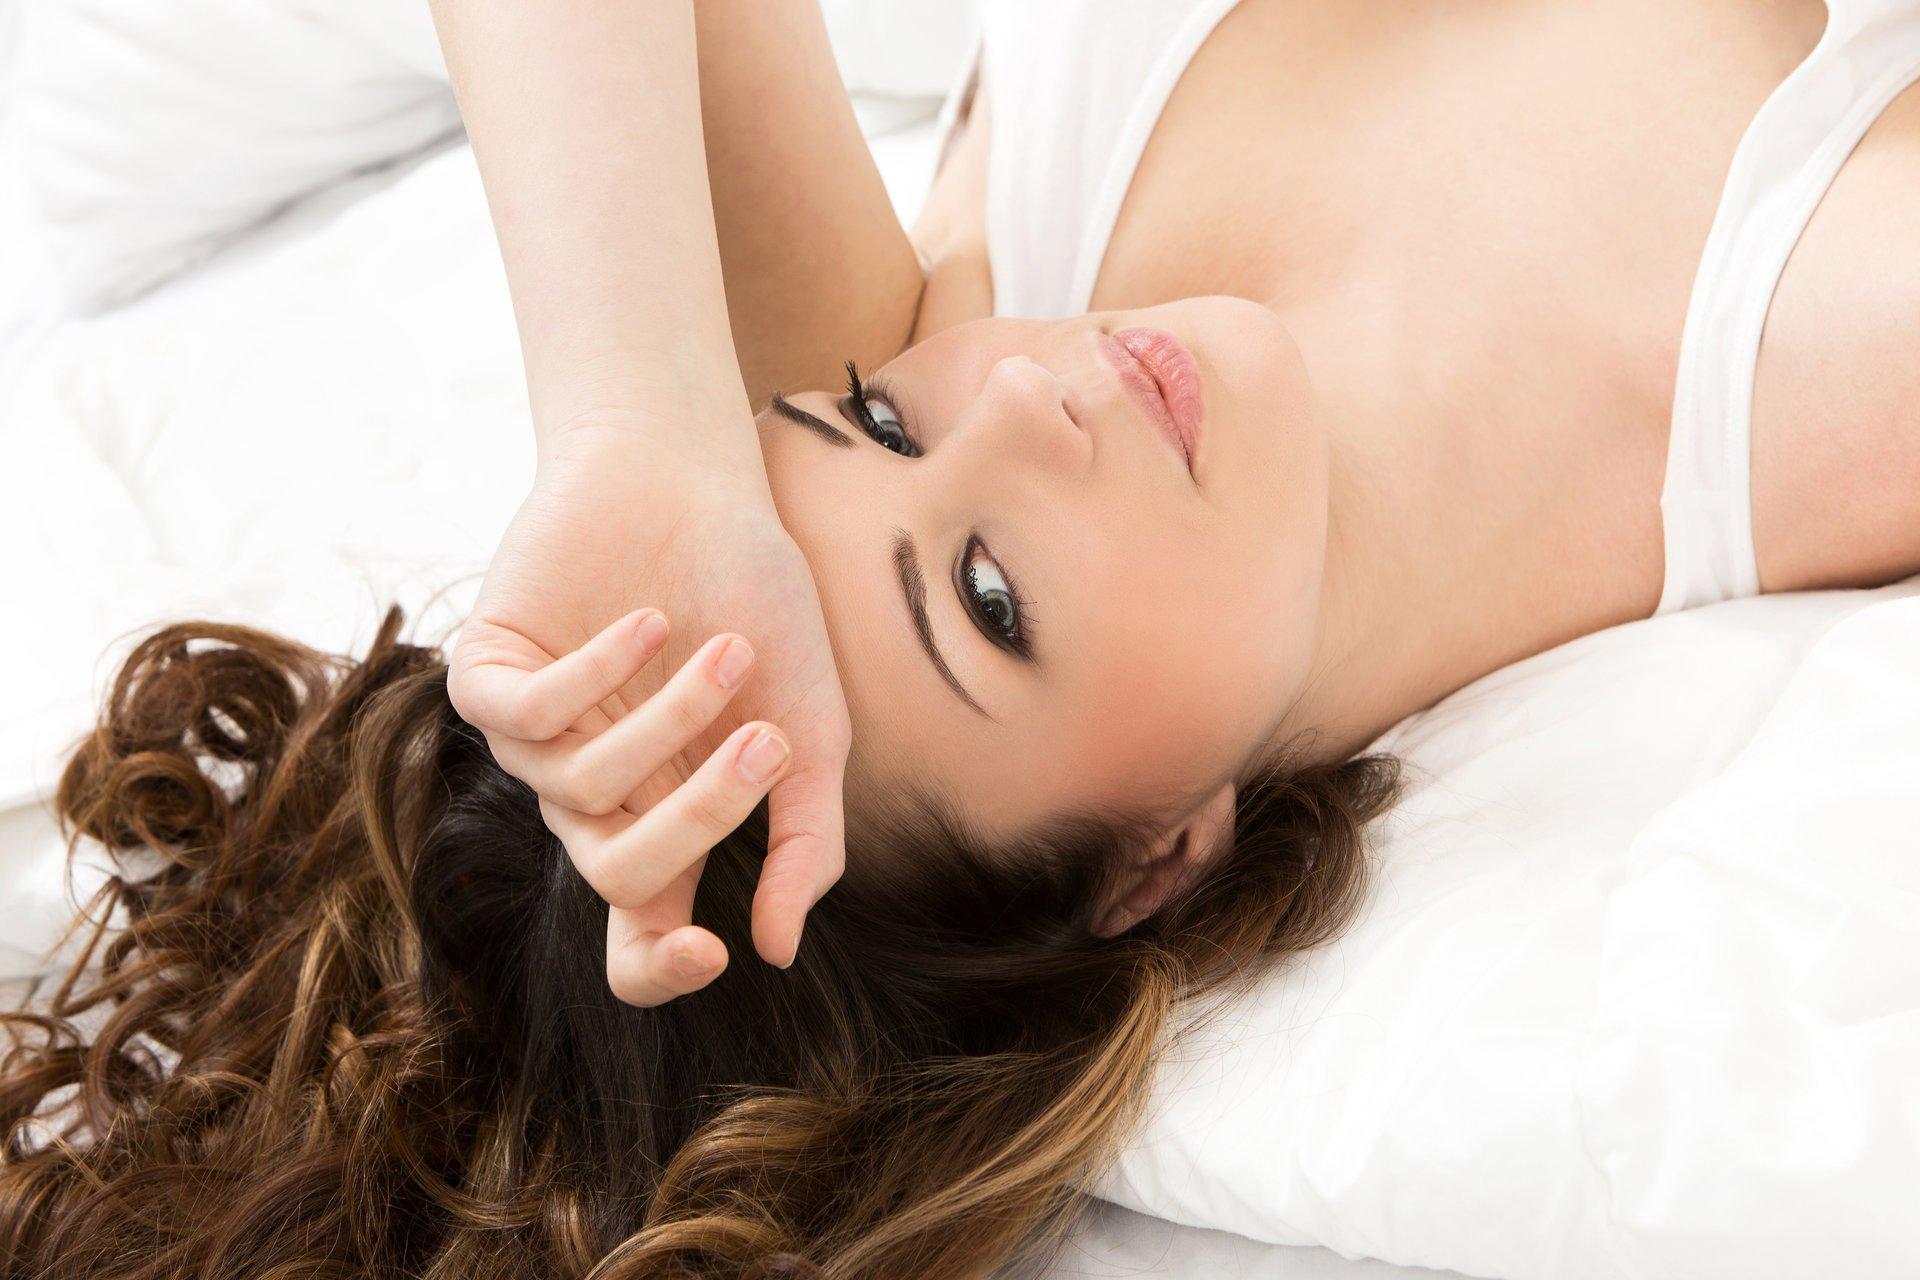 Смотреть бесплатно оргазмы девушек, Порно Оргазмы -видео. Смотреть порно онлайн! 24 фотография